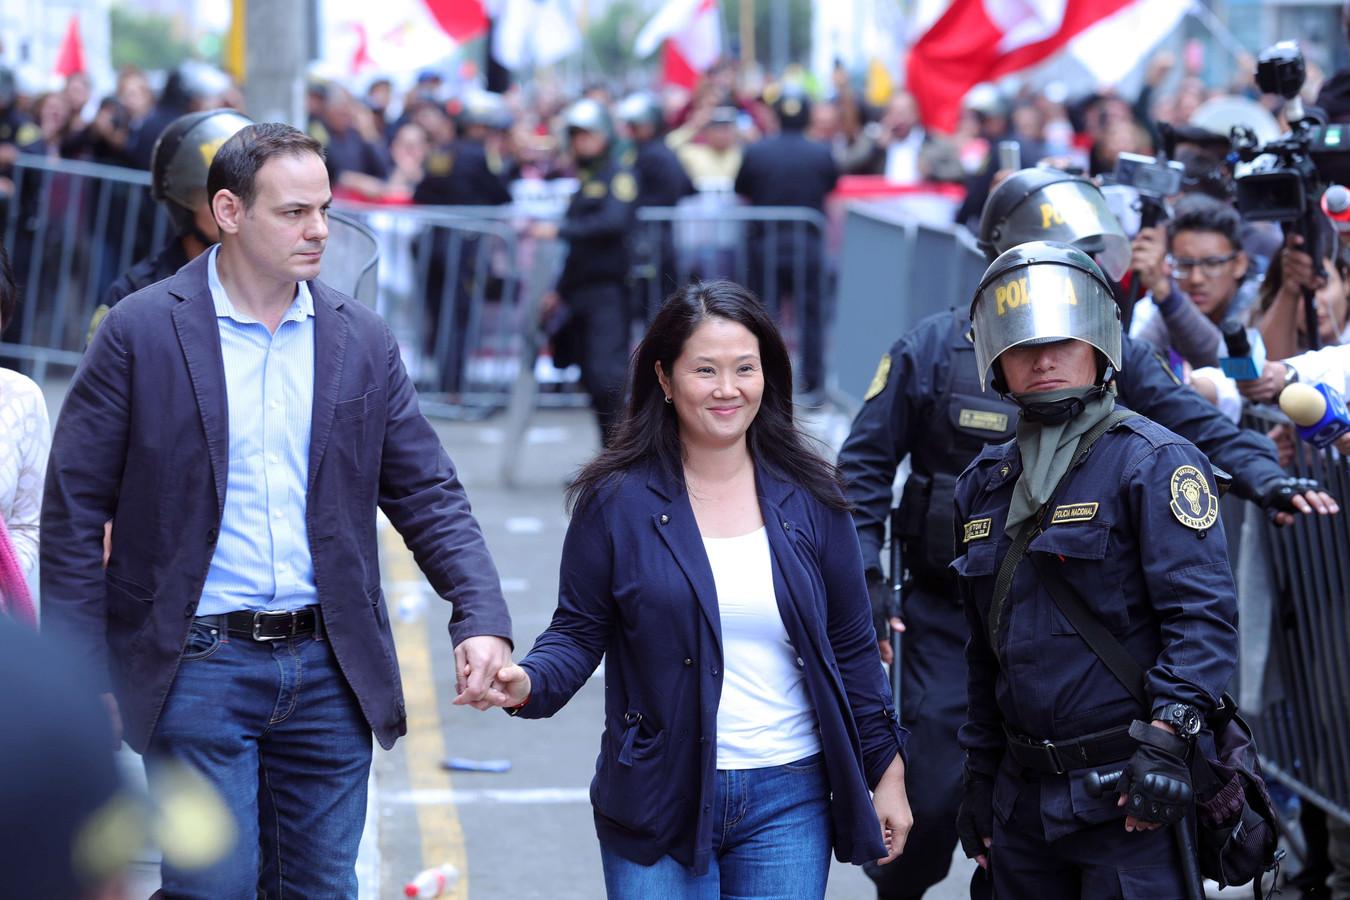 Keiko Fujimori verlaat samen met haar echtgenoot Mark Villanella de rechtbank. Archiefbeeld.